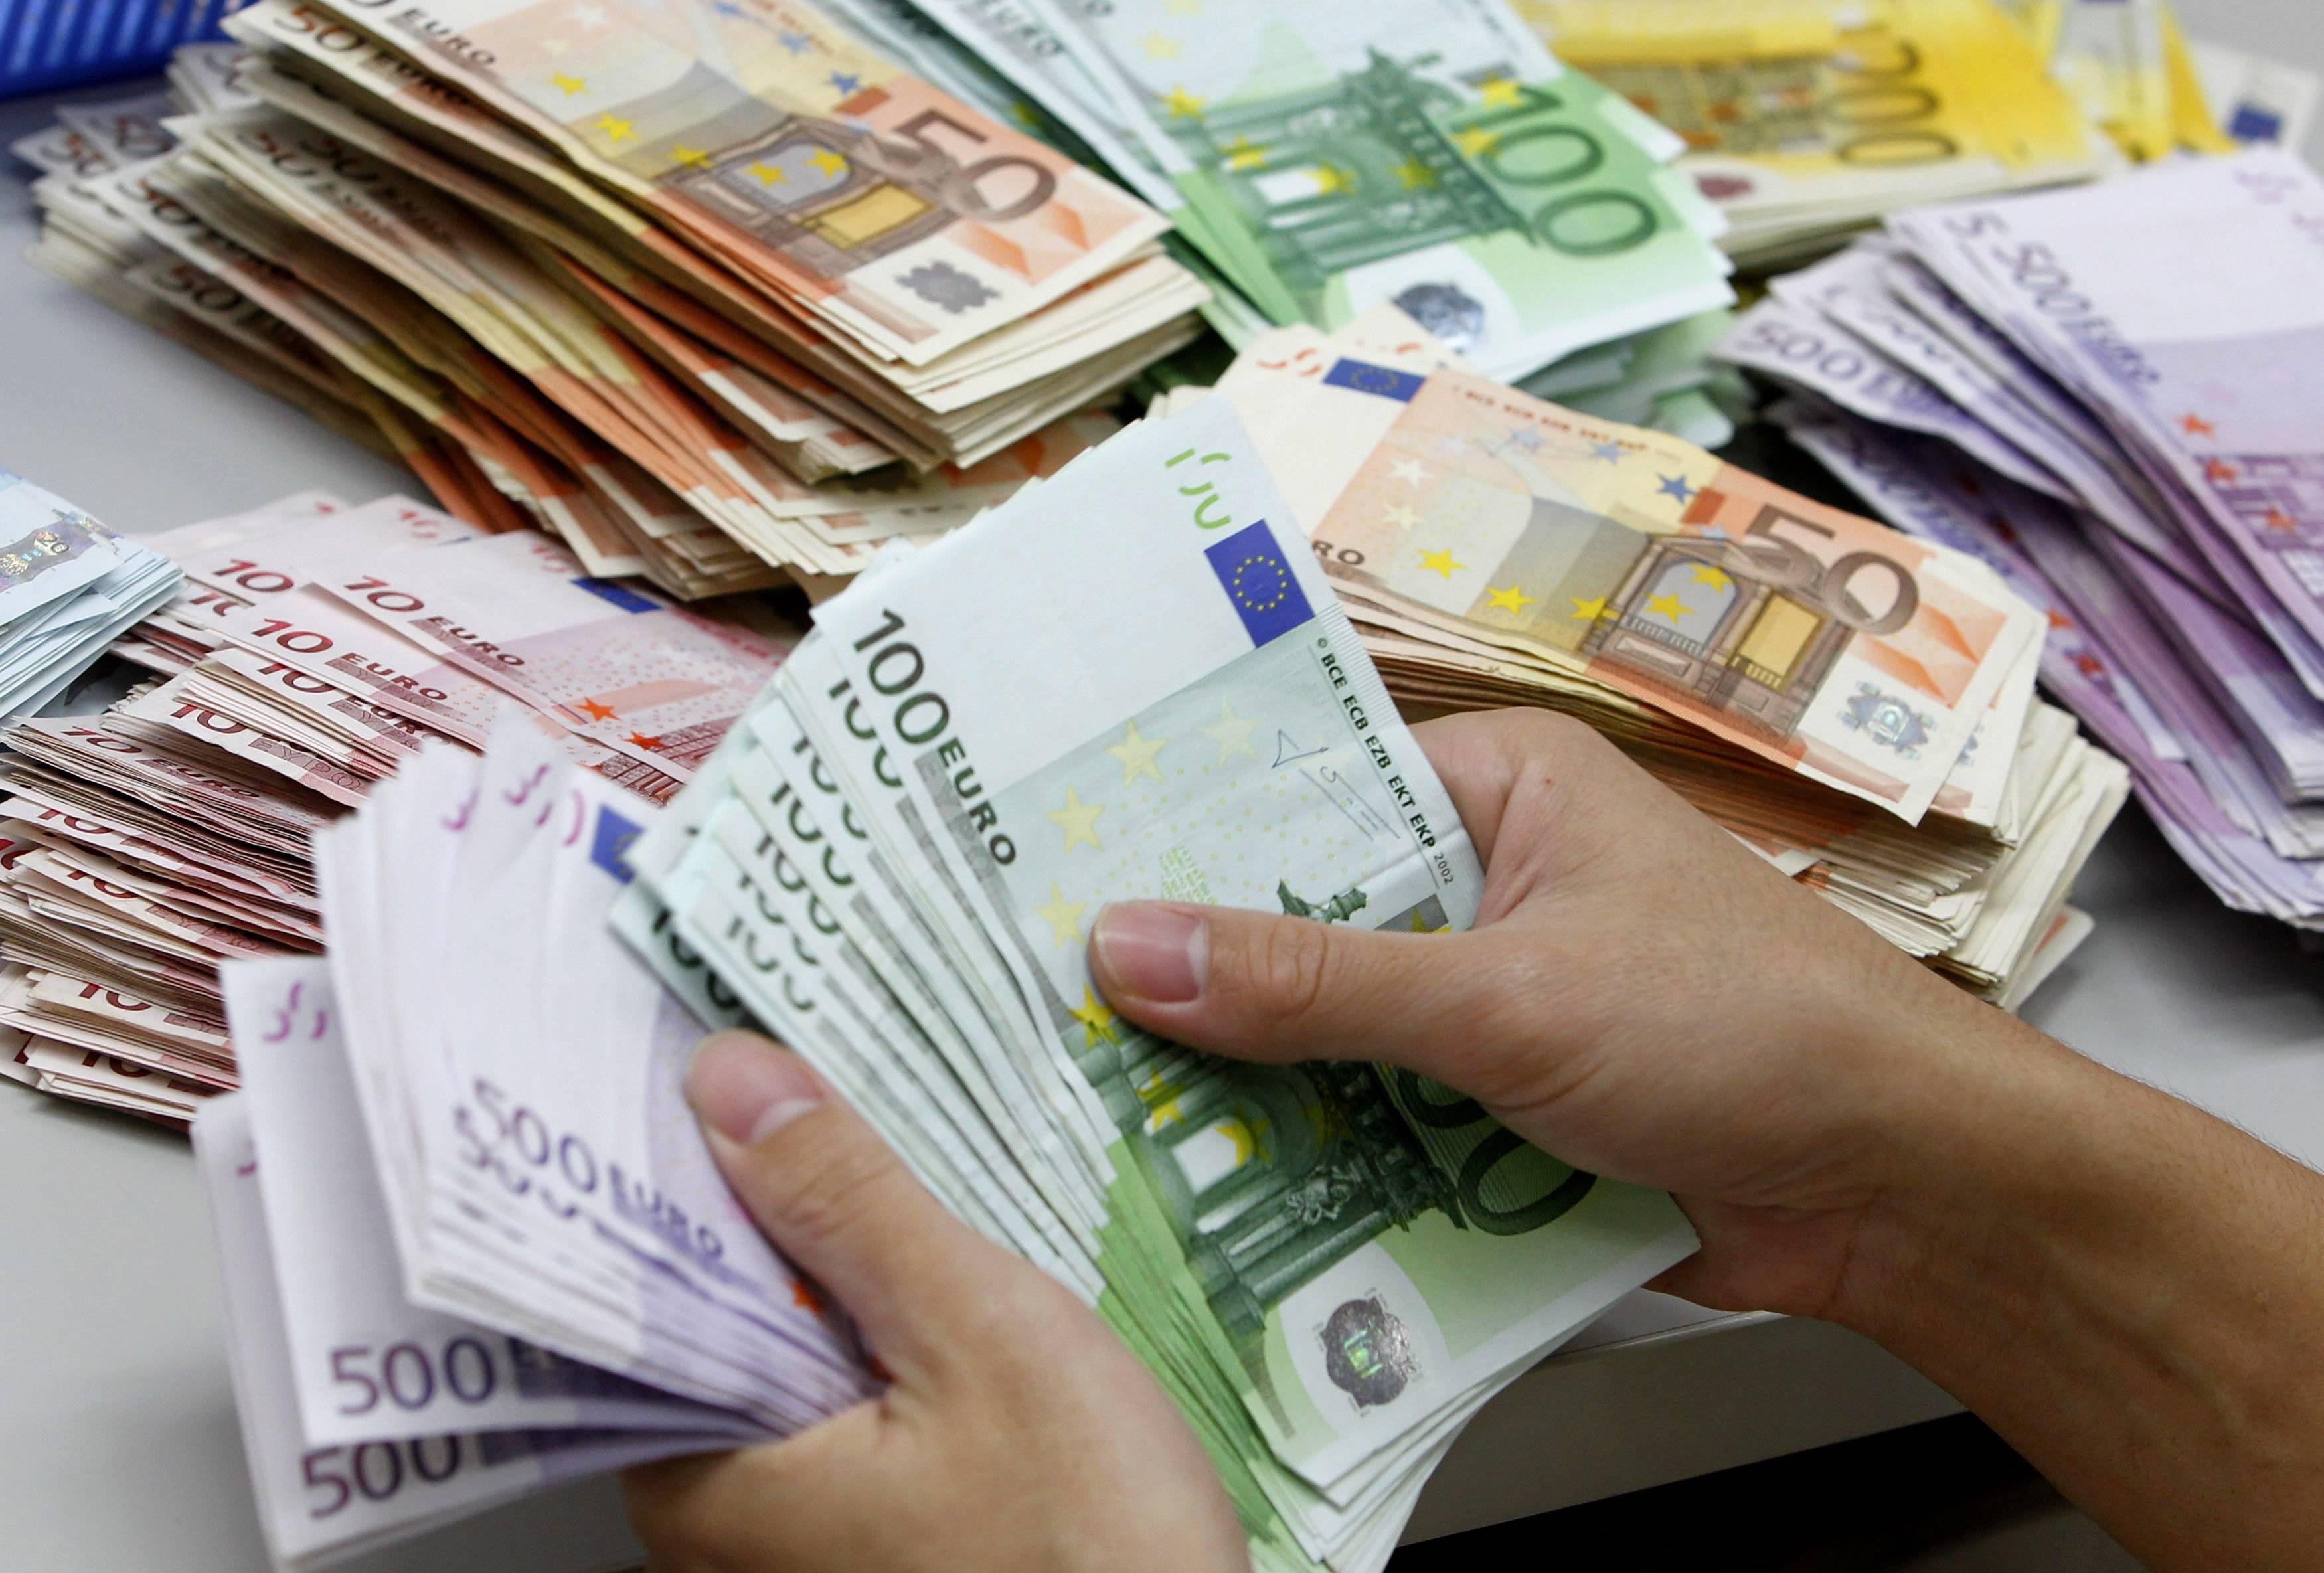 Τραπεζική χρηματοδότηση των επιχειρήσεων ζητούν ΓΣΕΒΕΕ και ΕΣΕΕ | tovima.gr